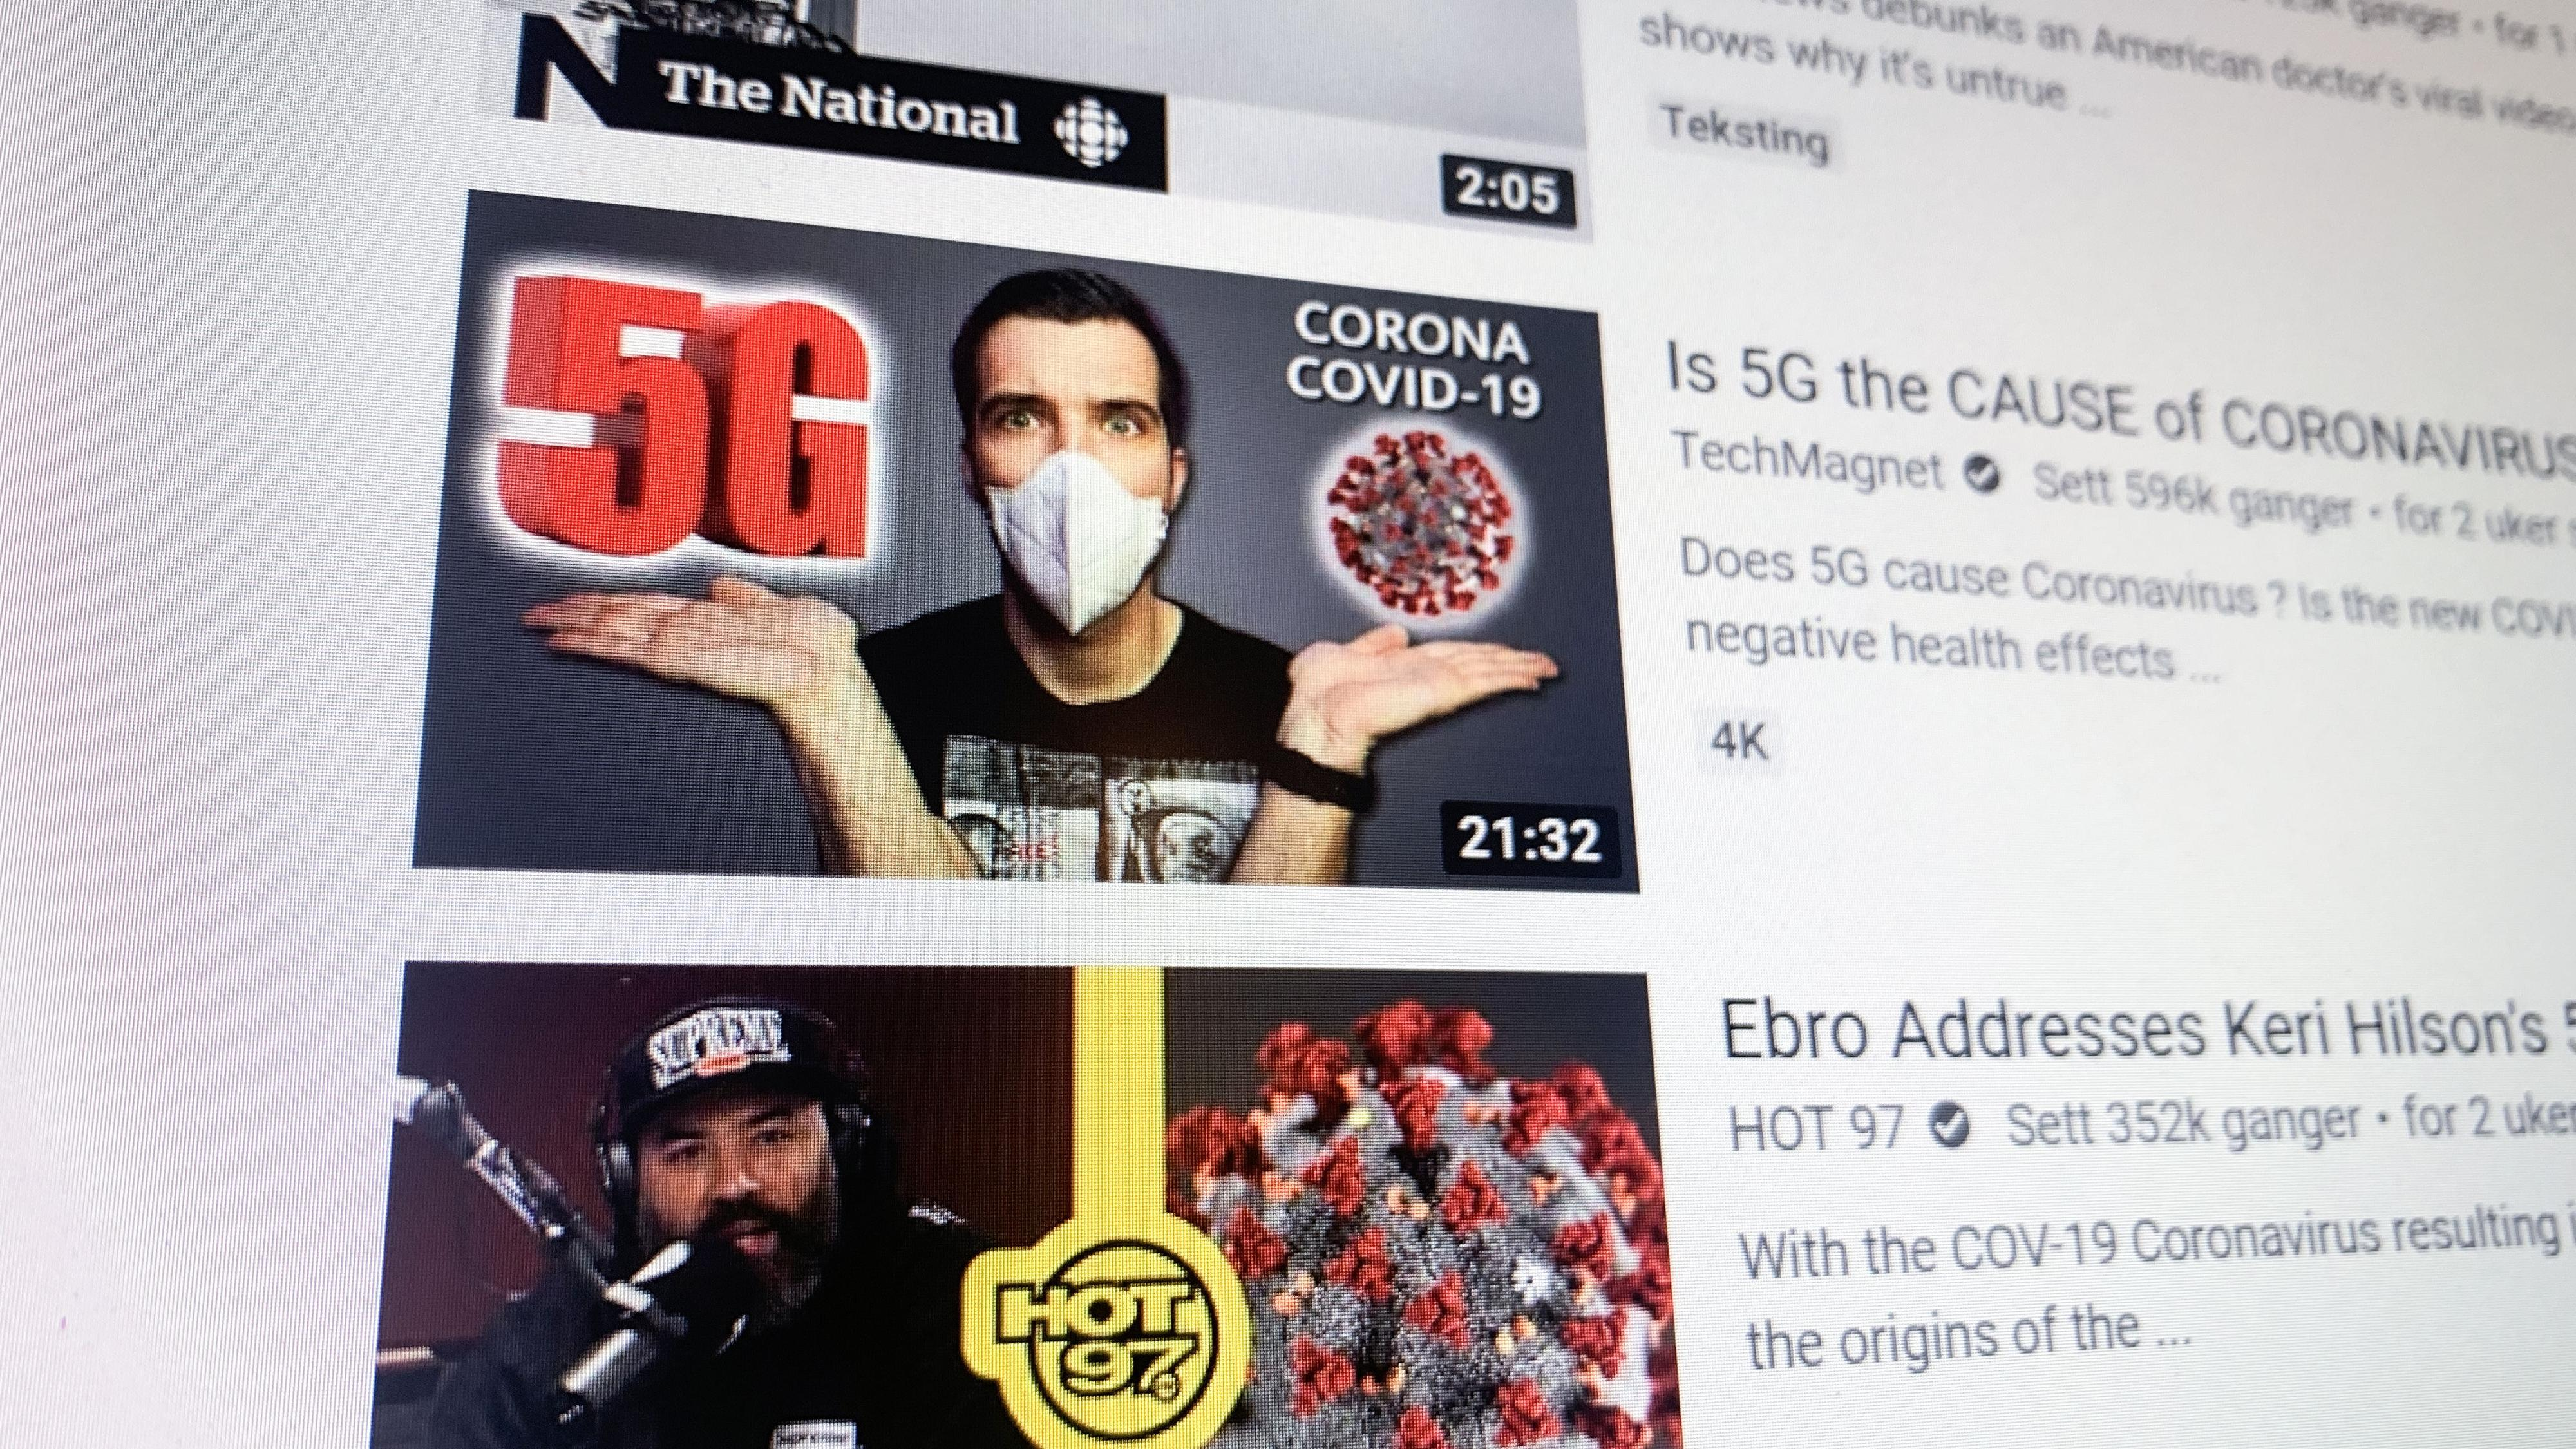 Fjerner videoer som kobler 5G med coronaviruset